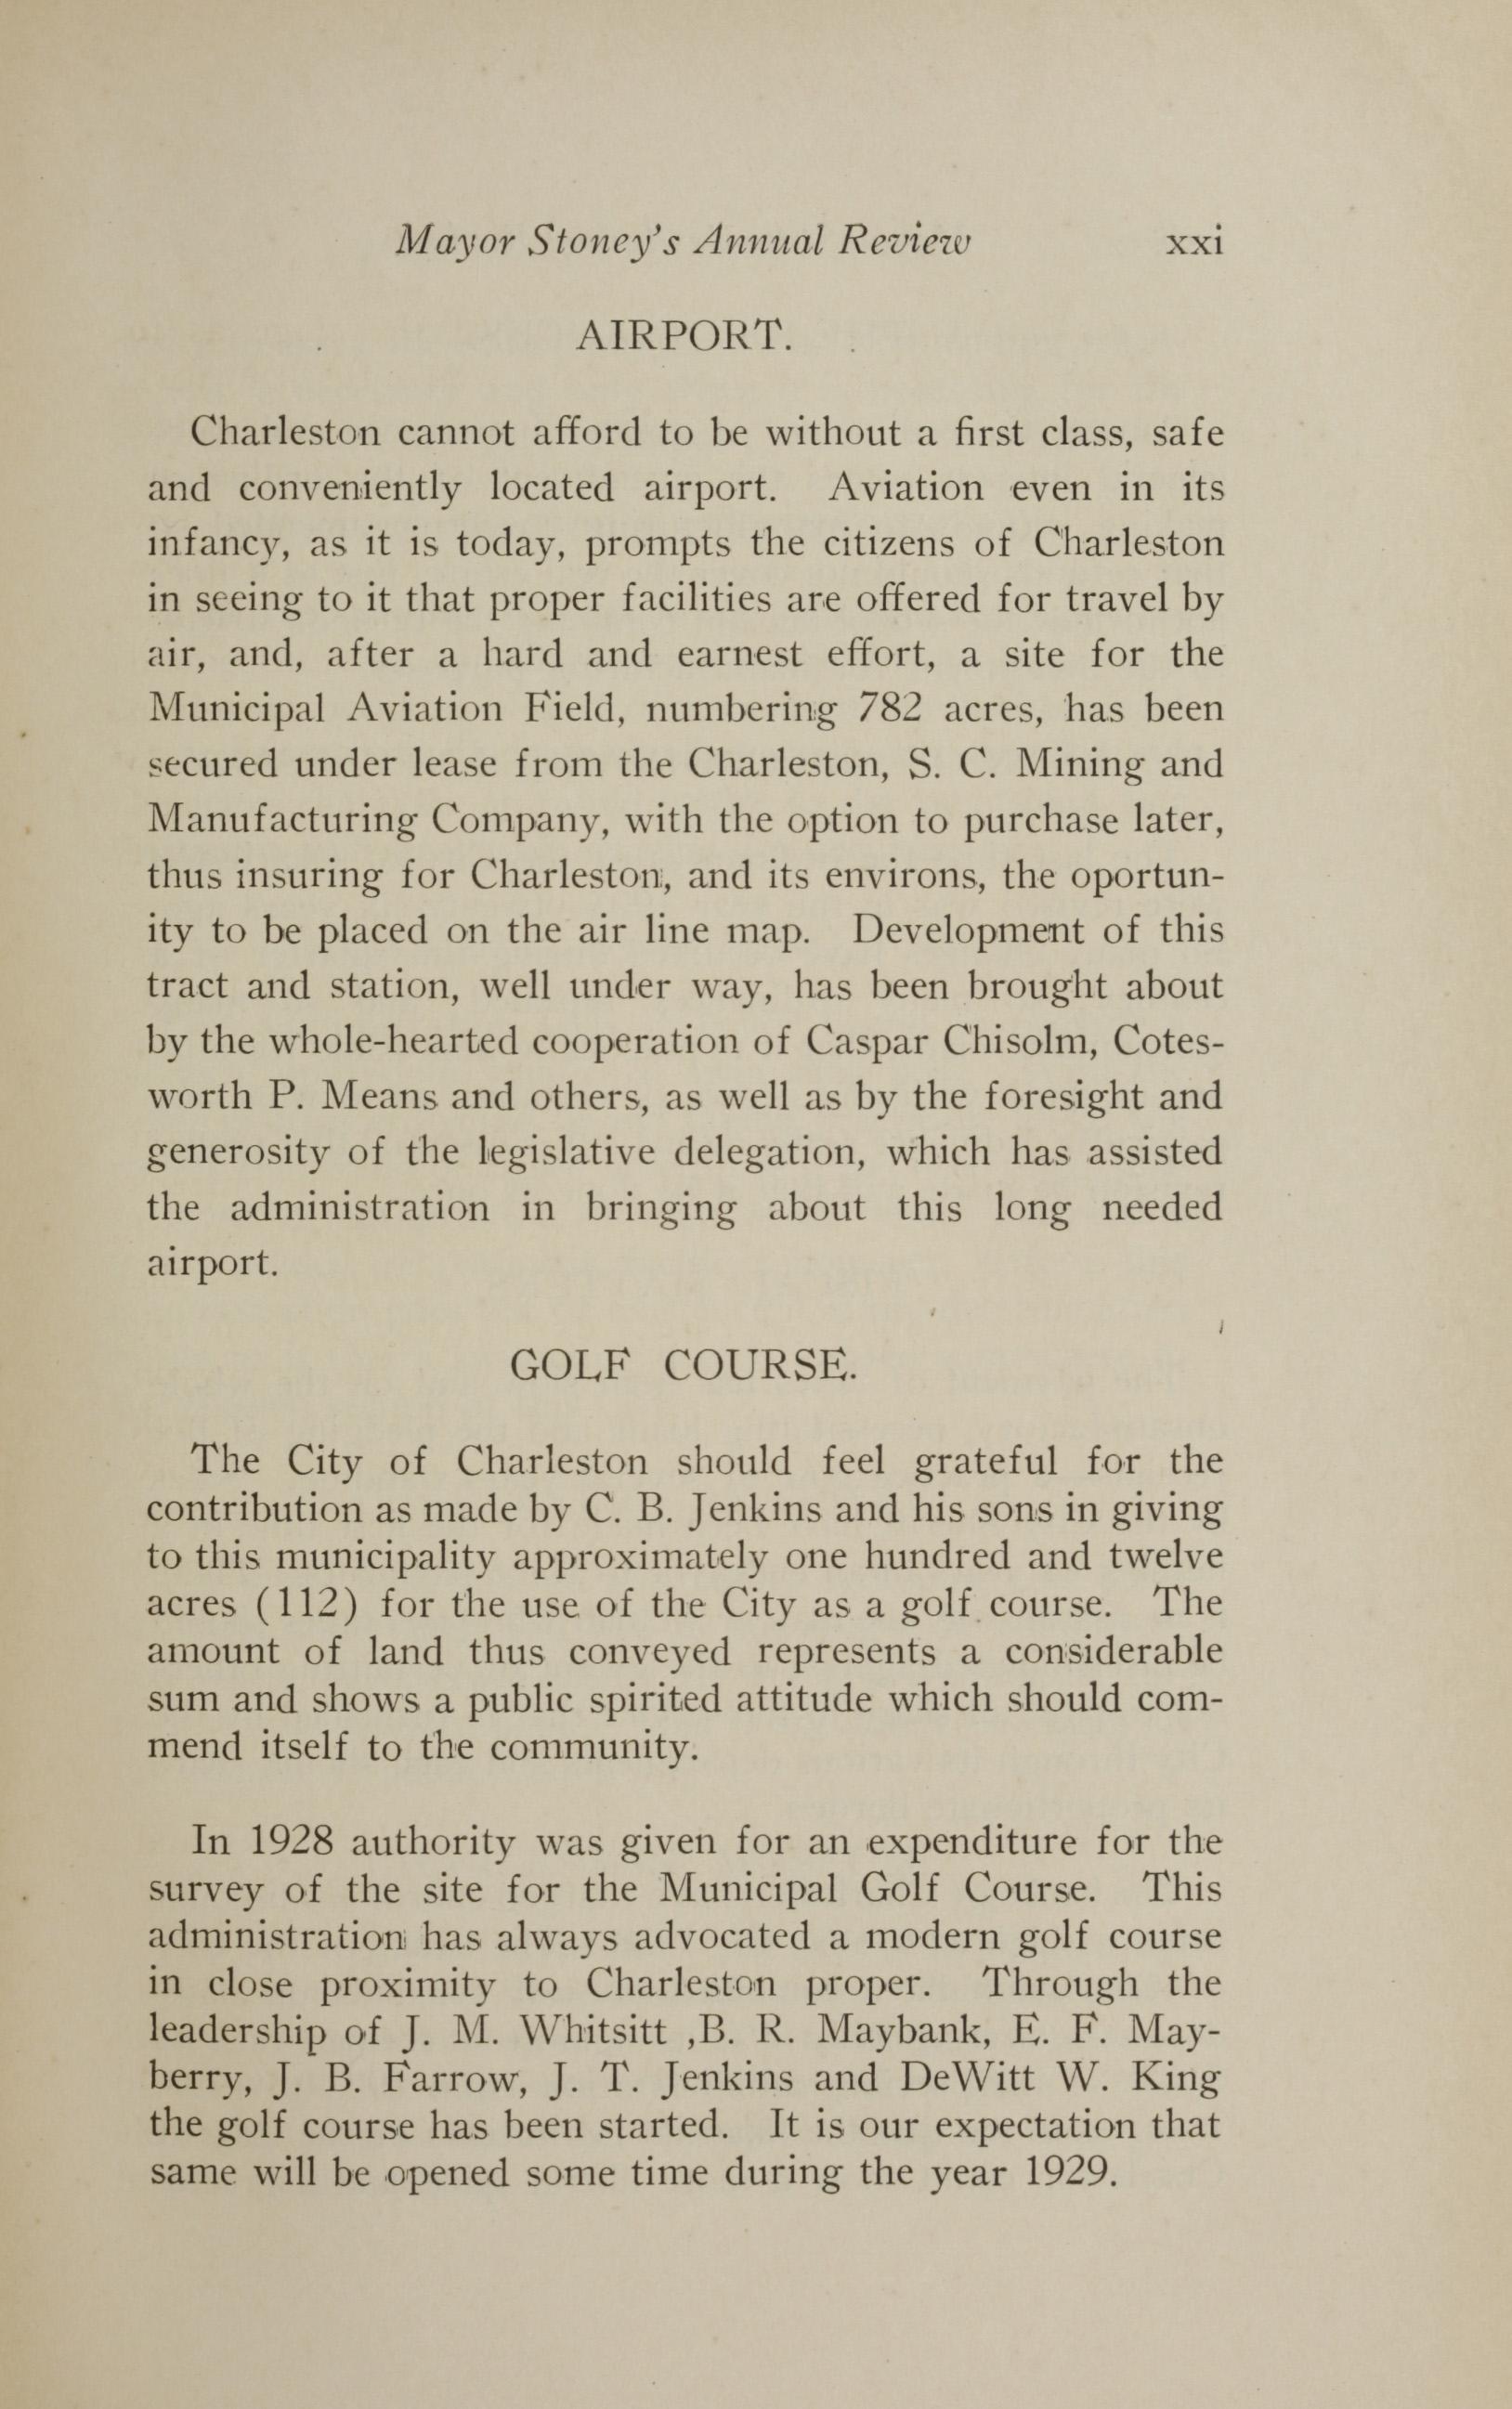 Charleston Yearbook, 1928, page xxi